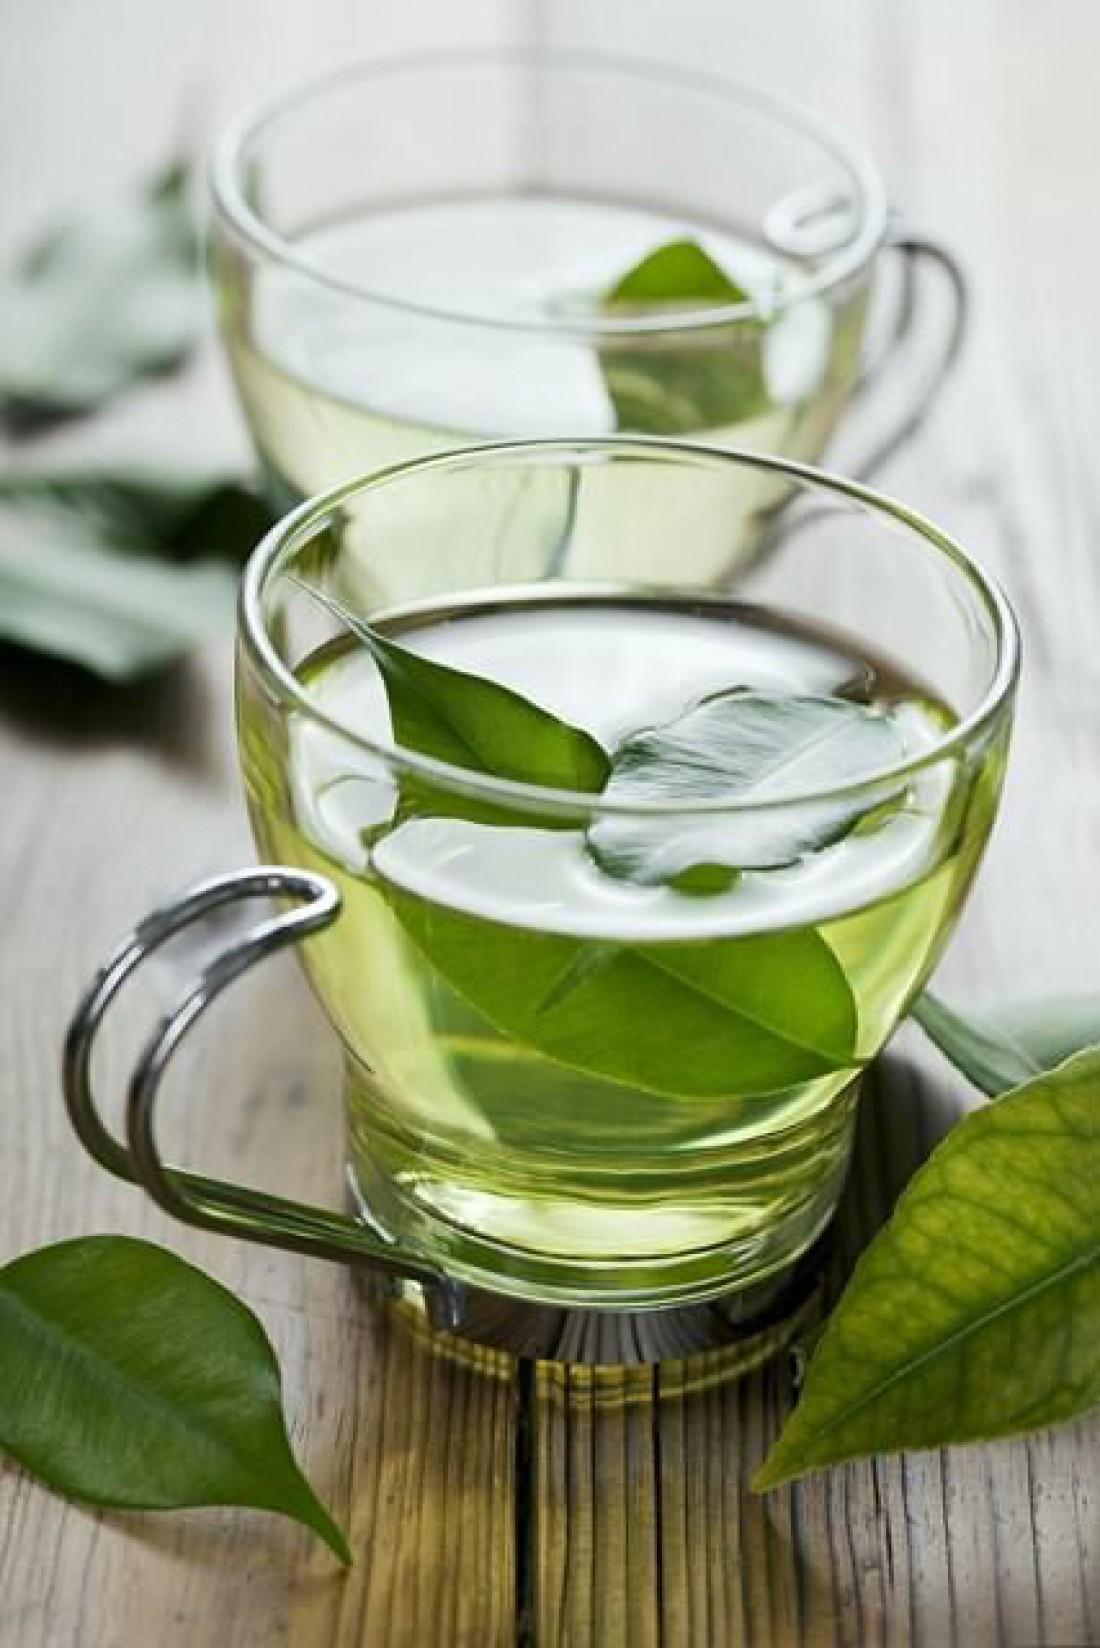 зеленый чай для похудения как мочегонное